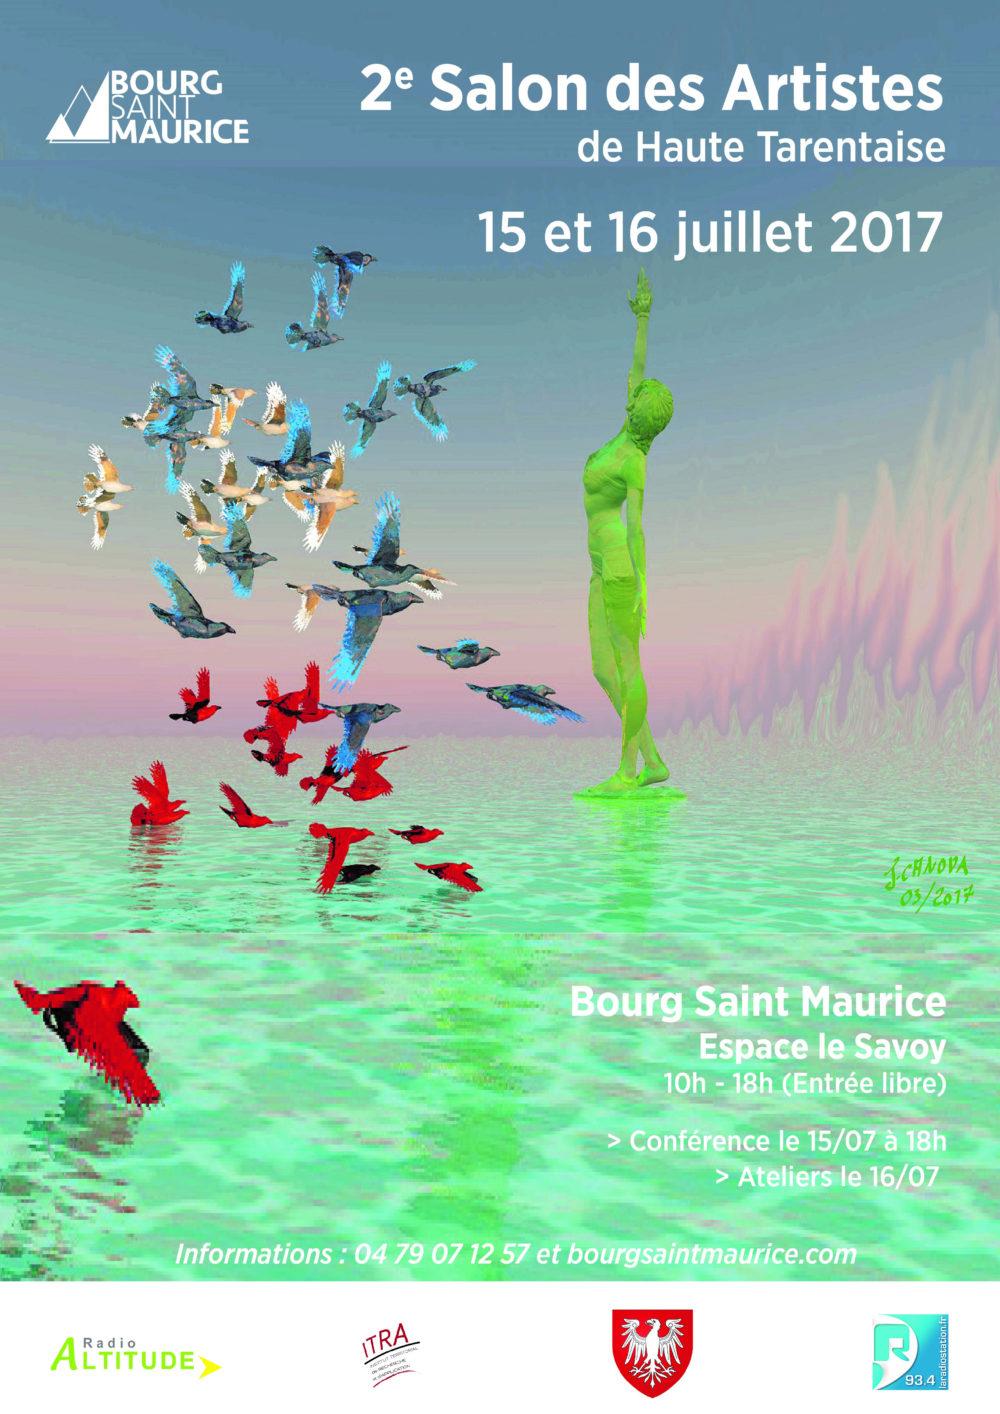 Affiche deuxième salon des artistes de Haute Tarentaise - Atelier Mucyol